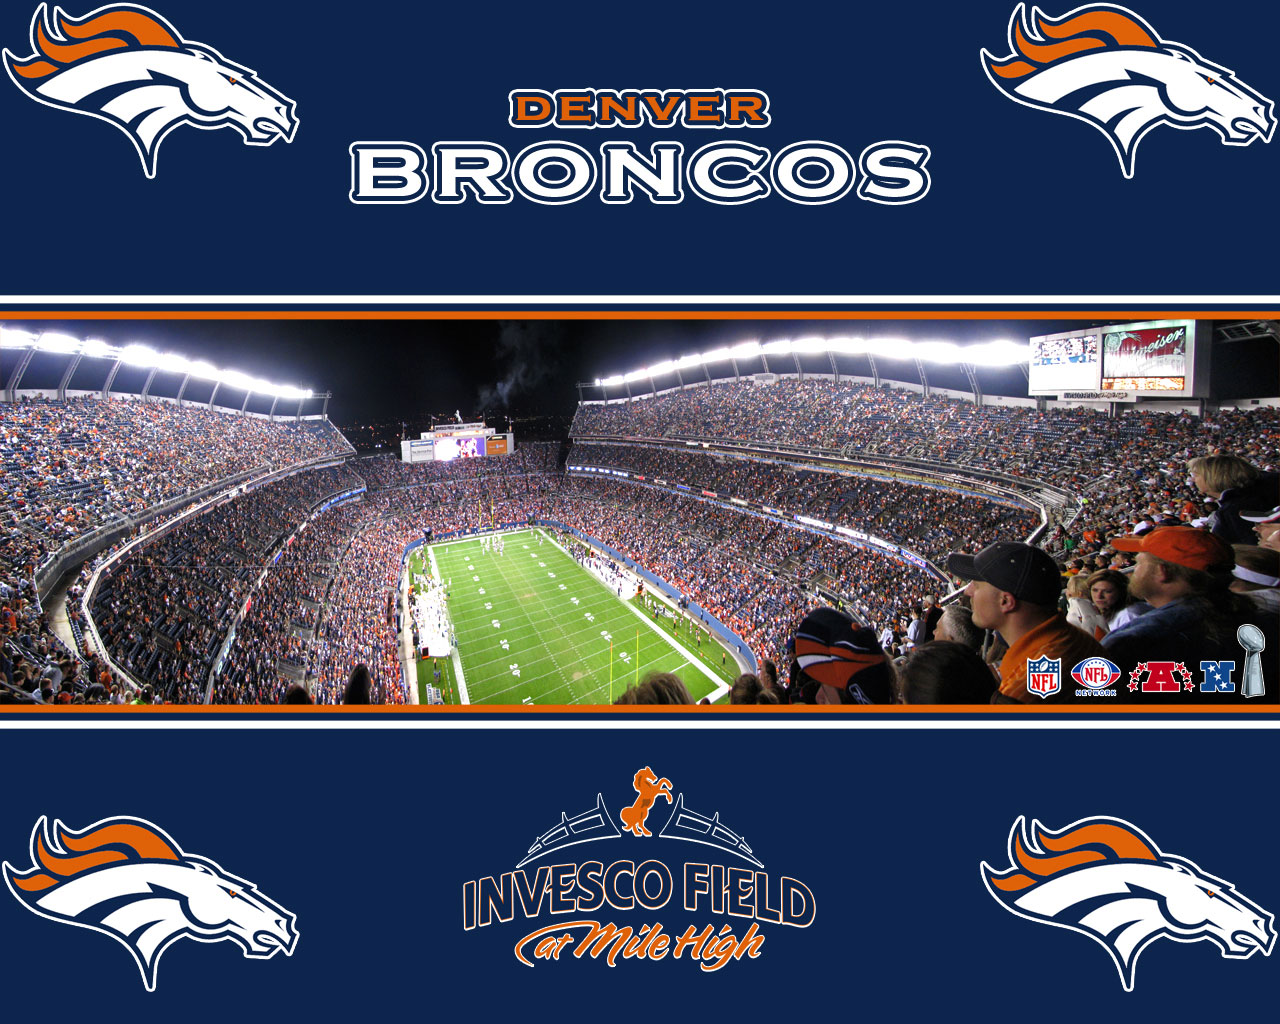 3d Wallpaper Widescreen High Resolution Game Denver Broncos Wallpaper Hd Download Free Pixelstalk Net